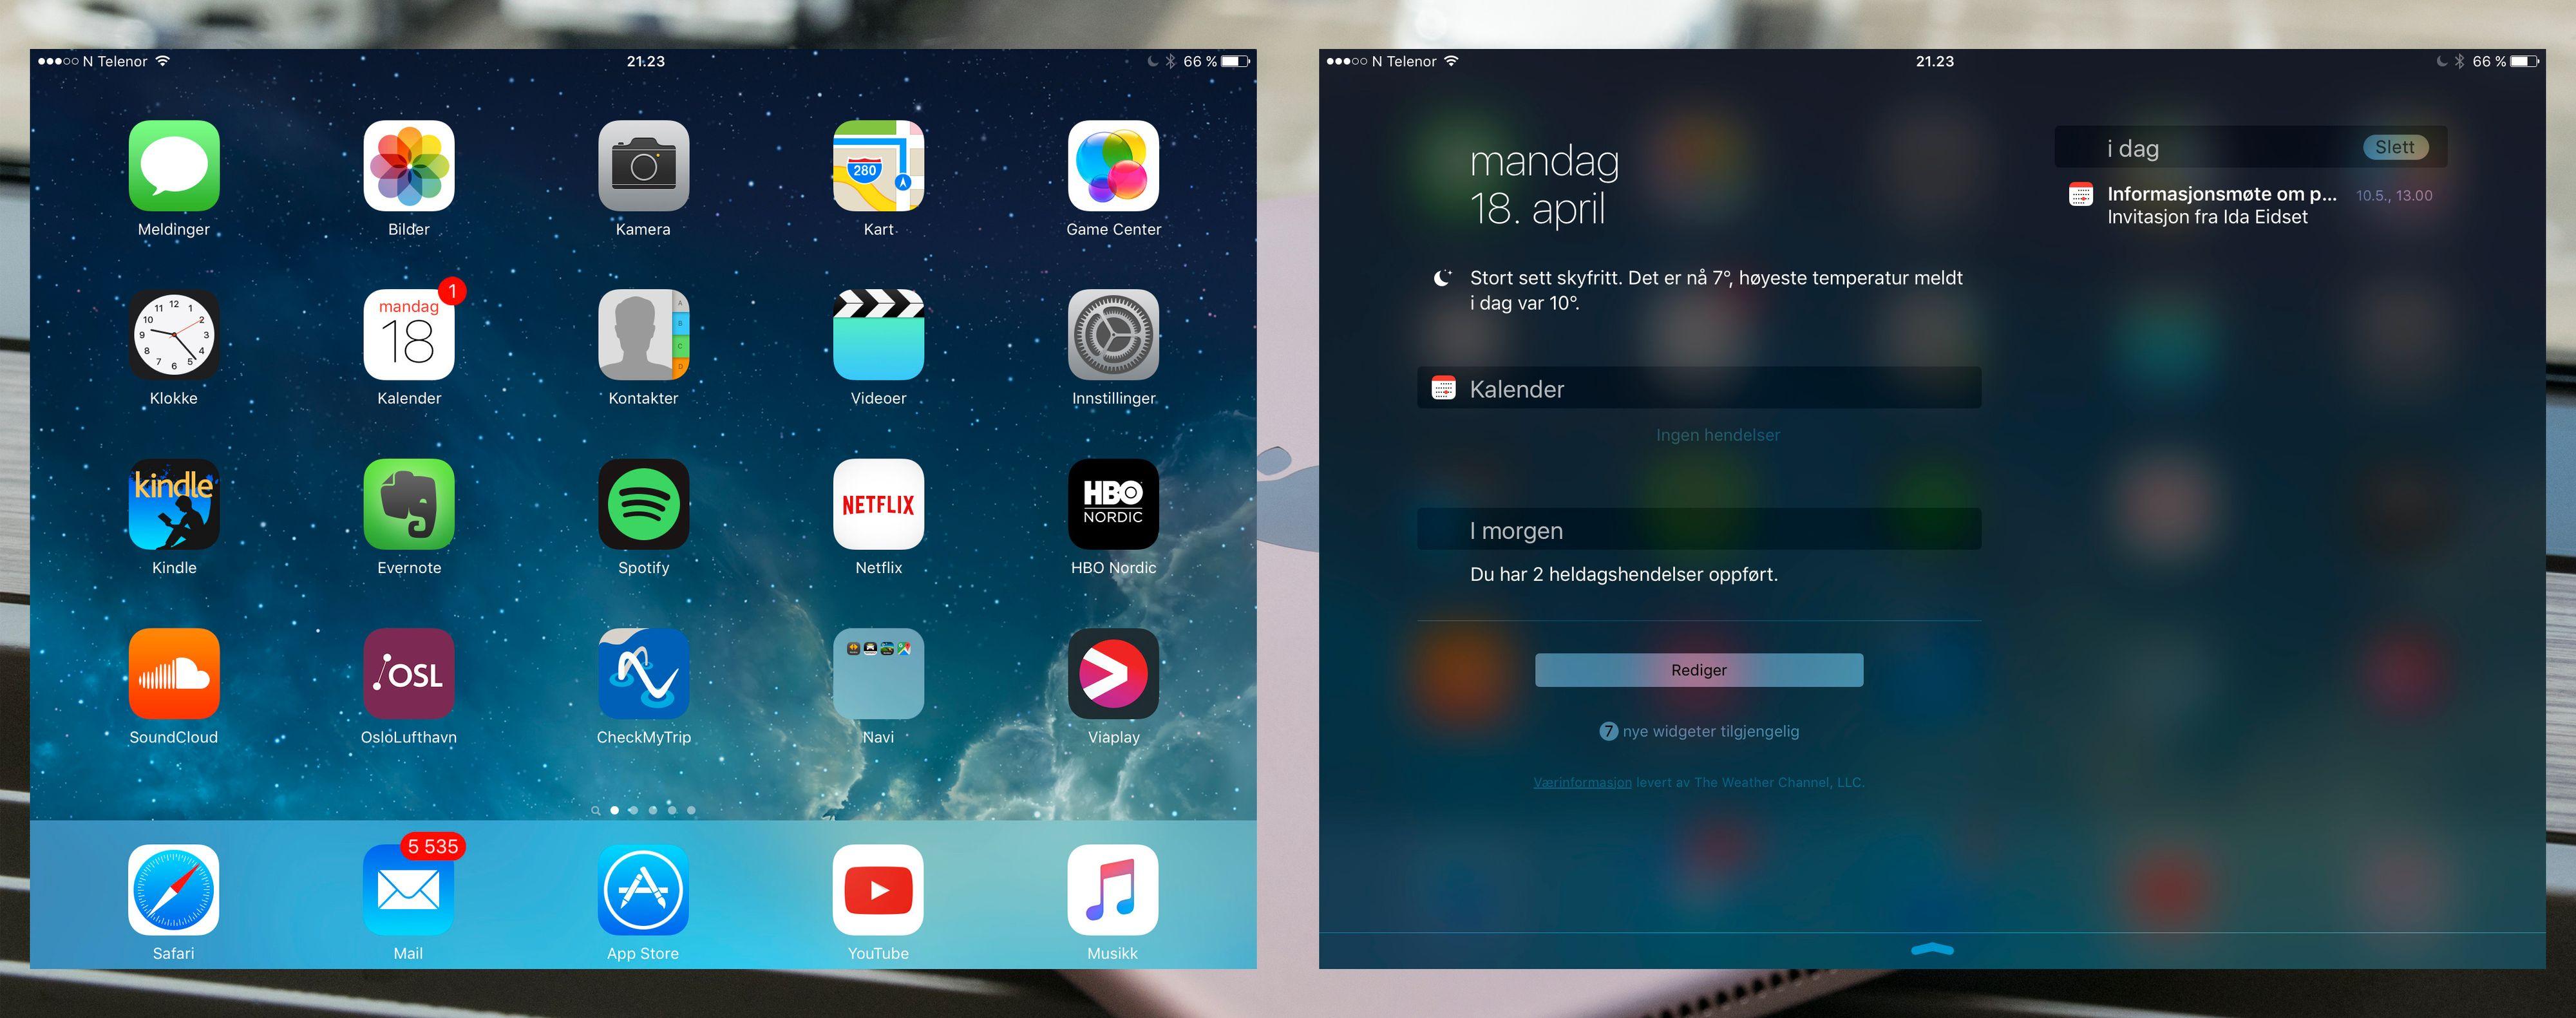 En iPad Pro er fortsatt en iPad. Menymessig betyr det på mange vis en forvokst iPhone. Og den har sine begrensninger for proffbruk. Blant annet mangler den et fullverdig filsystem, men ved hjelp av riktige apper, for eksempel Dropbox, kan man etter hvert klare seg noenlunde greit uten slike ting bygget inn.